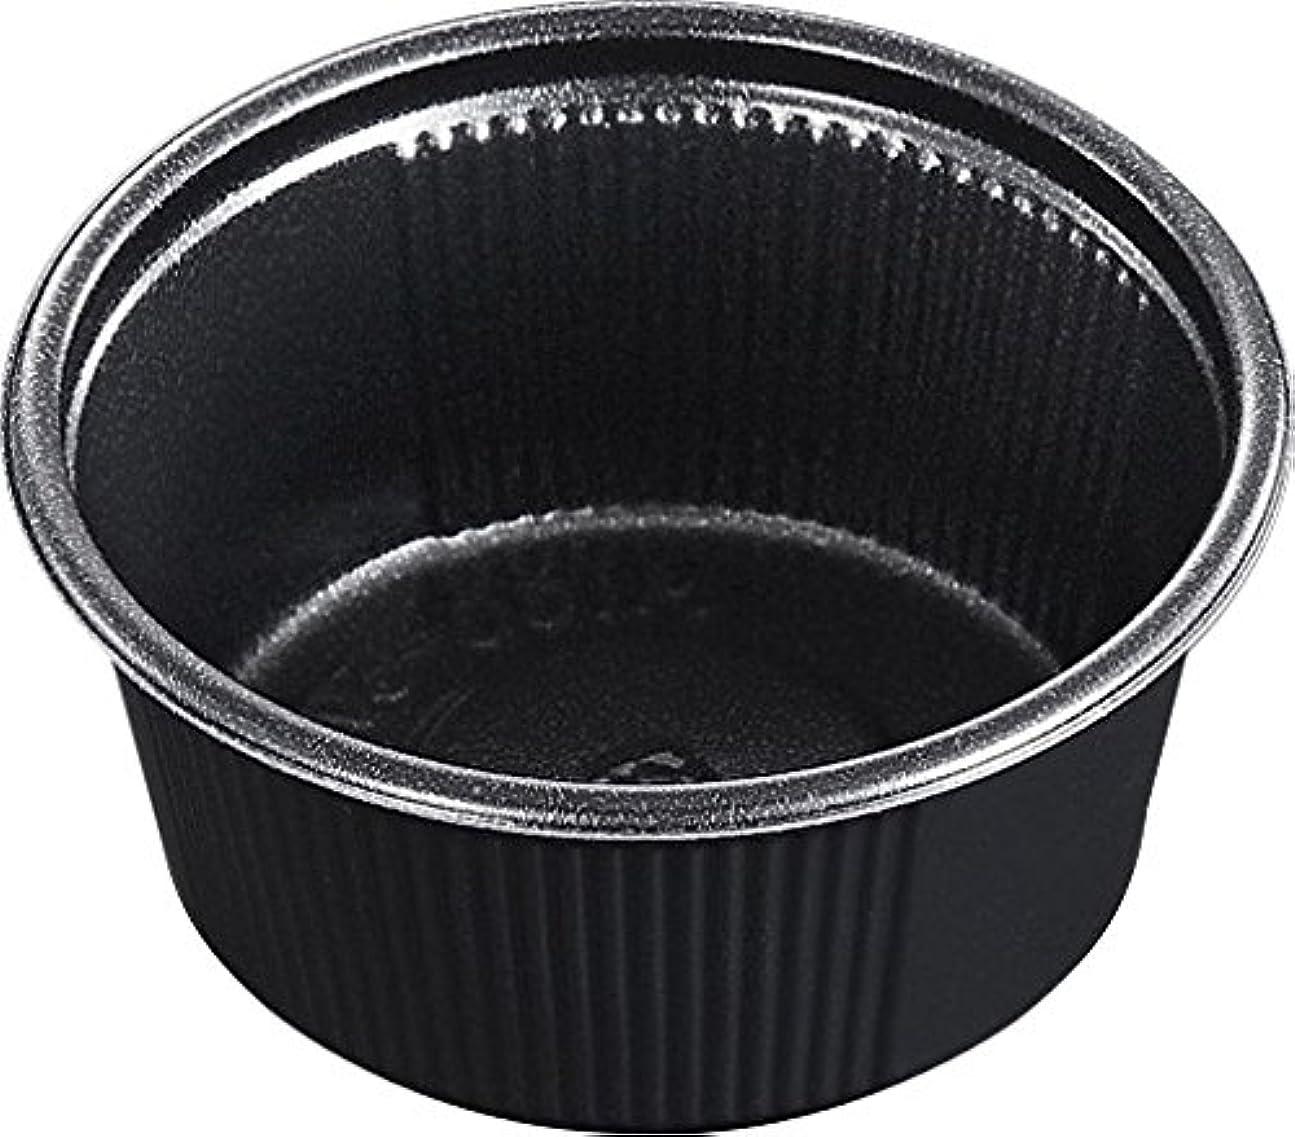 克服する統治可能くさび中央化学 使い捨て容器 SDキャセロ M130-57 BK 身 50枚入サイズ:約13×13×5.7cm